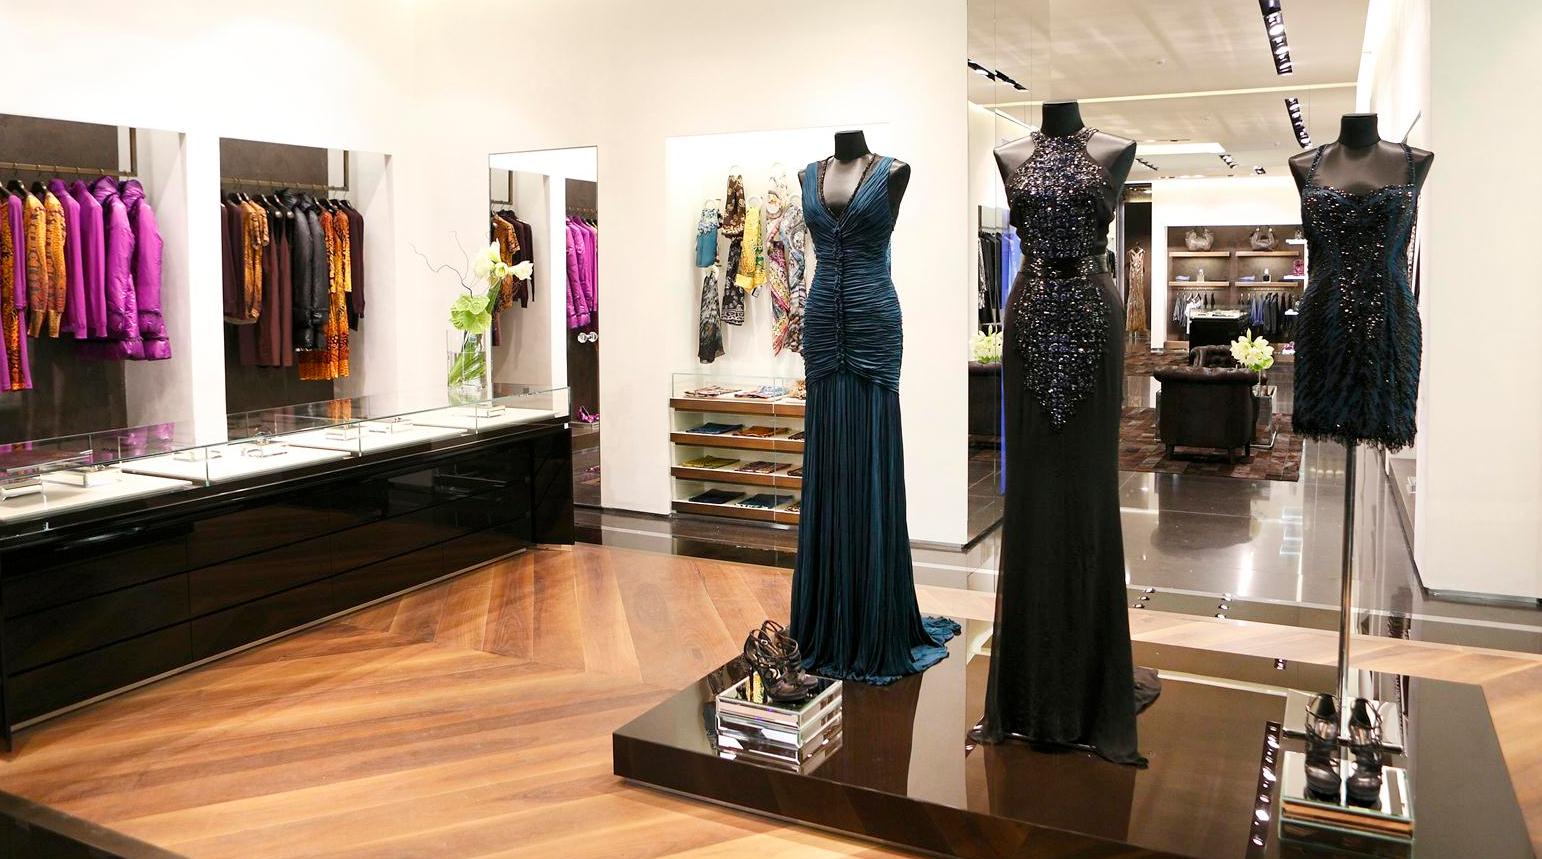 87cc1d1e646 Франшизы магазинов женской одежды  обзор рынка